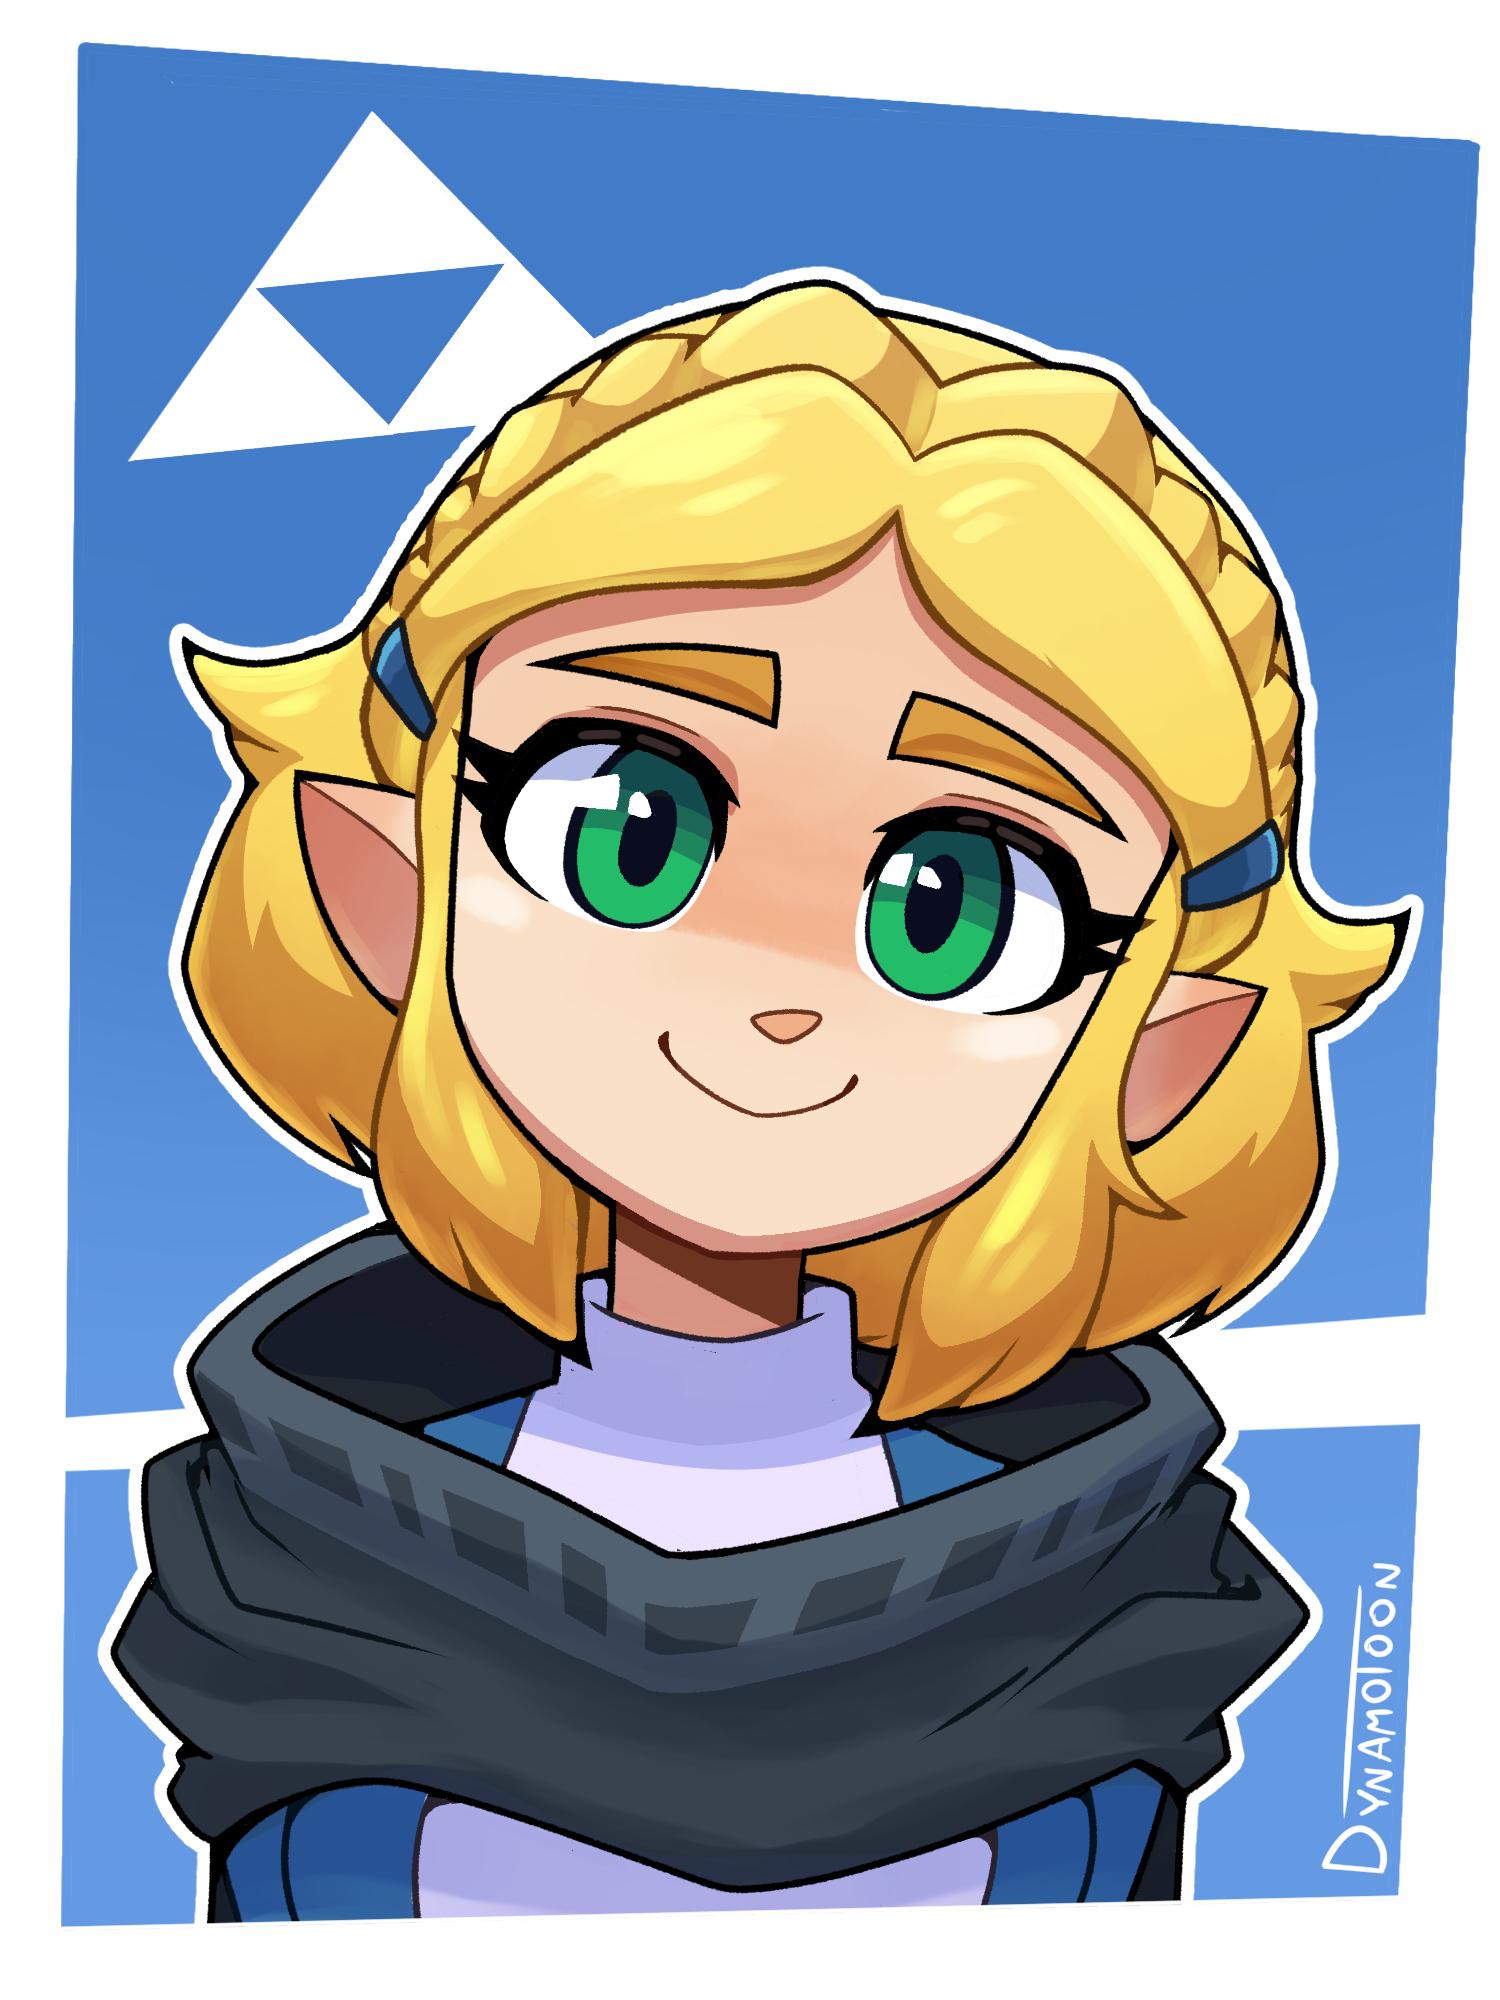 Botw2 Zelda Bust